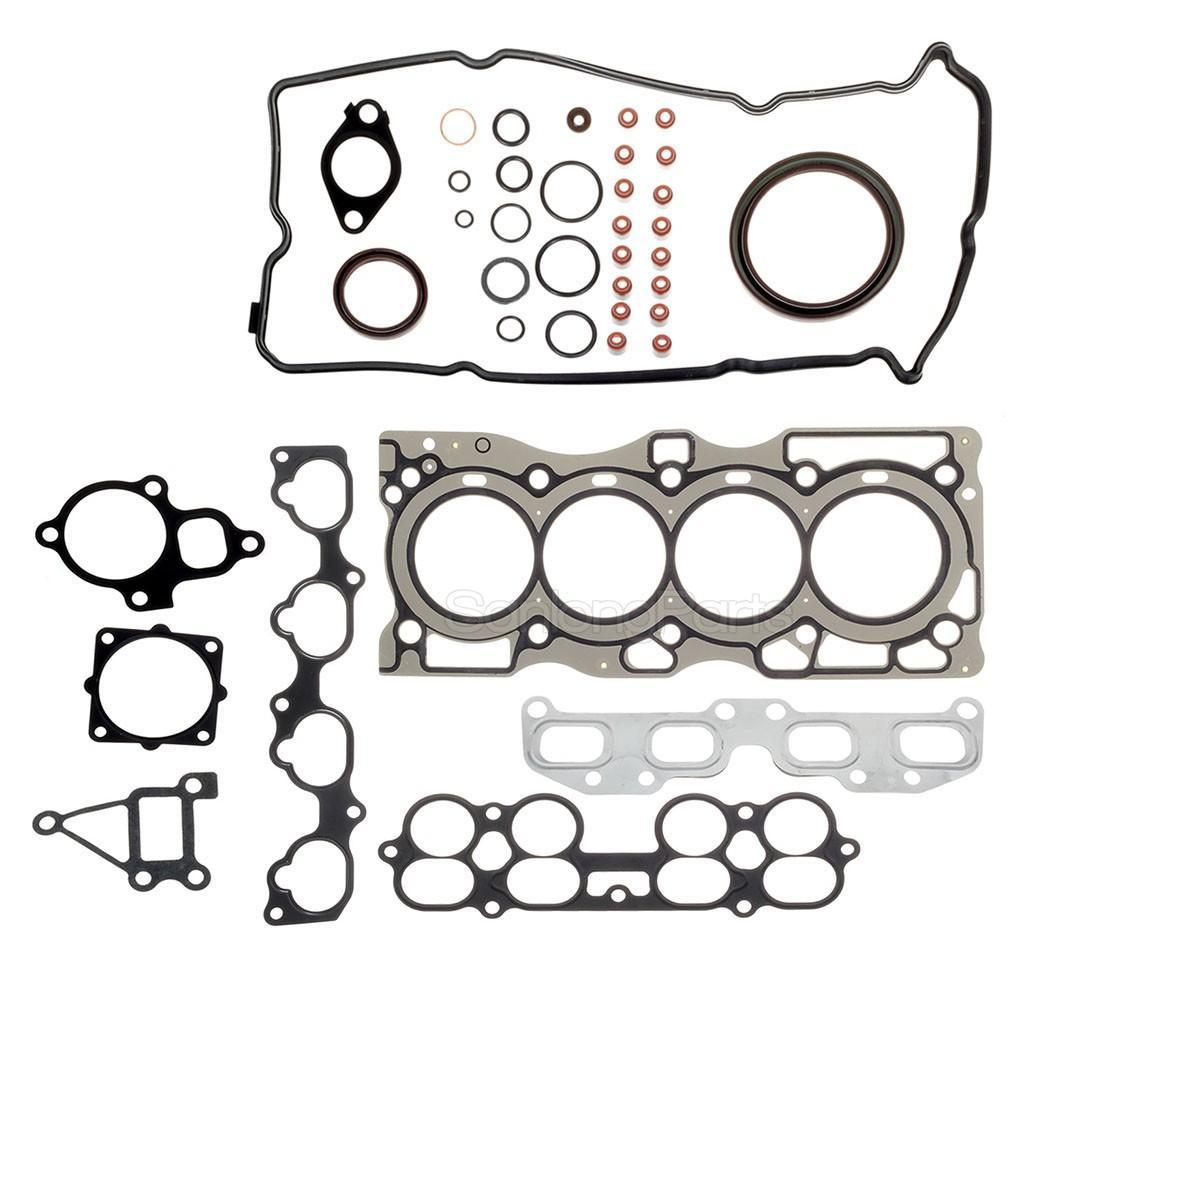 Cylinder Head Gasket Set QR25DE Fits for Nissan Altima